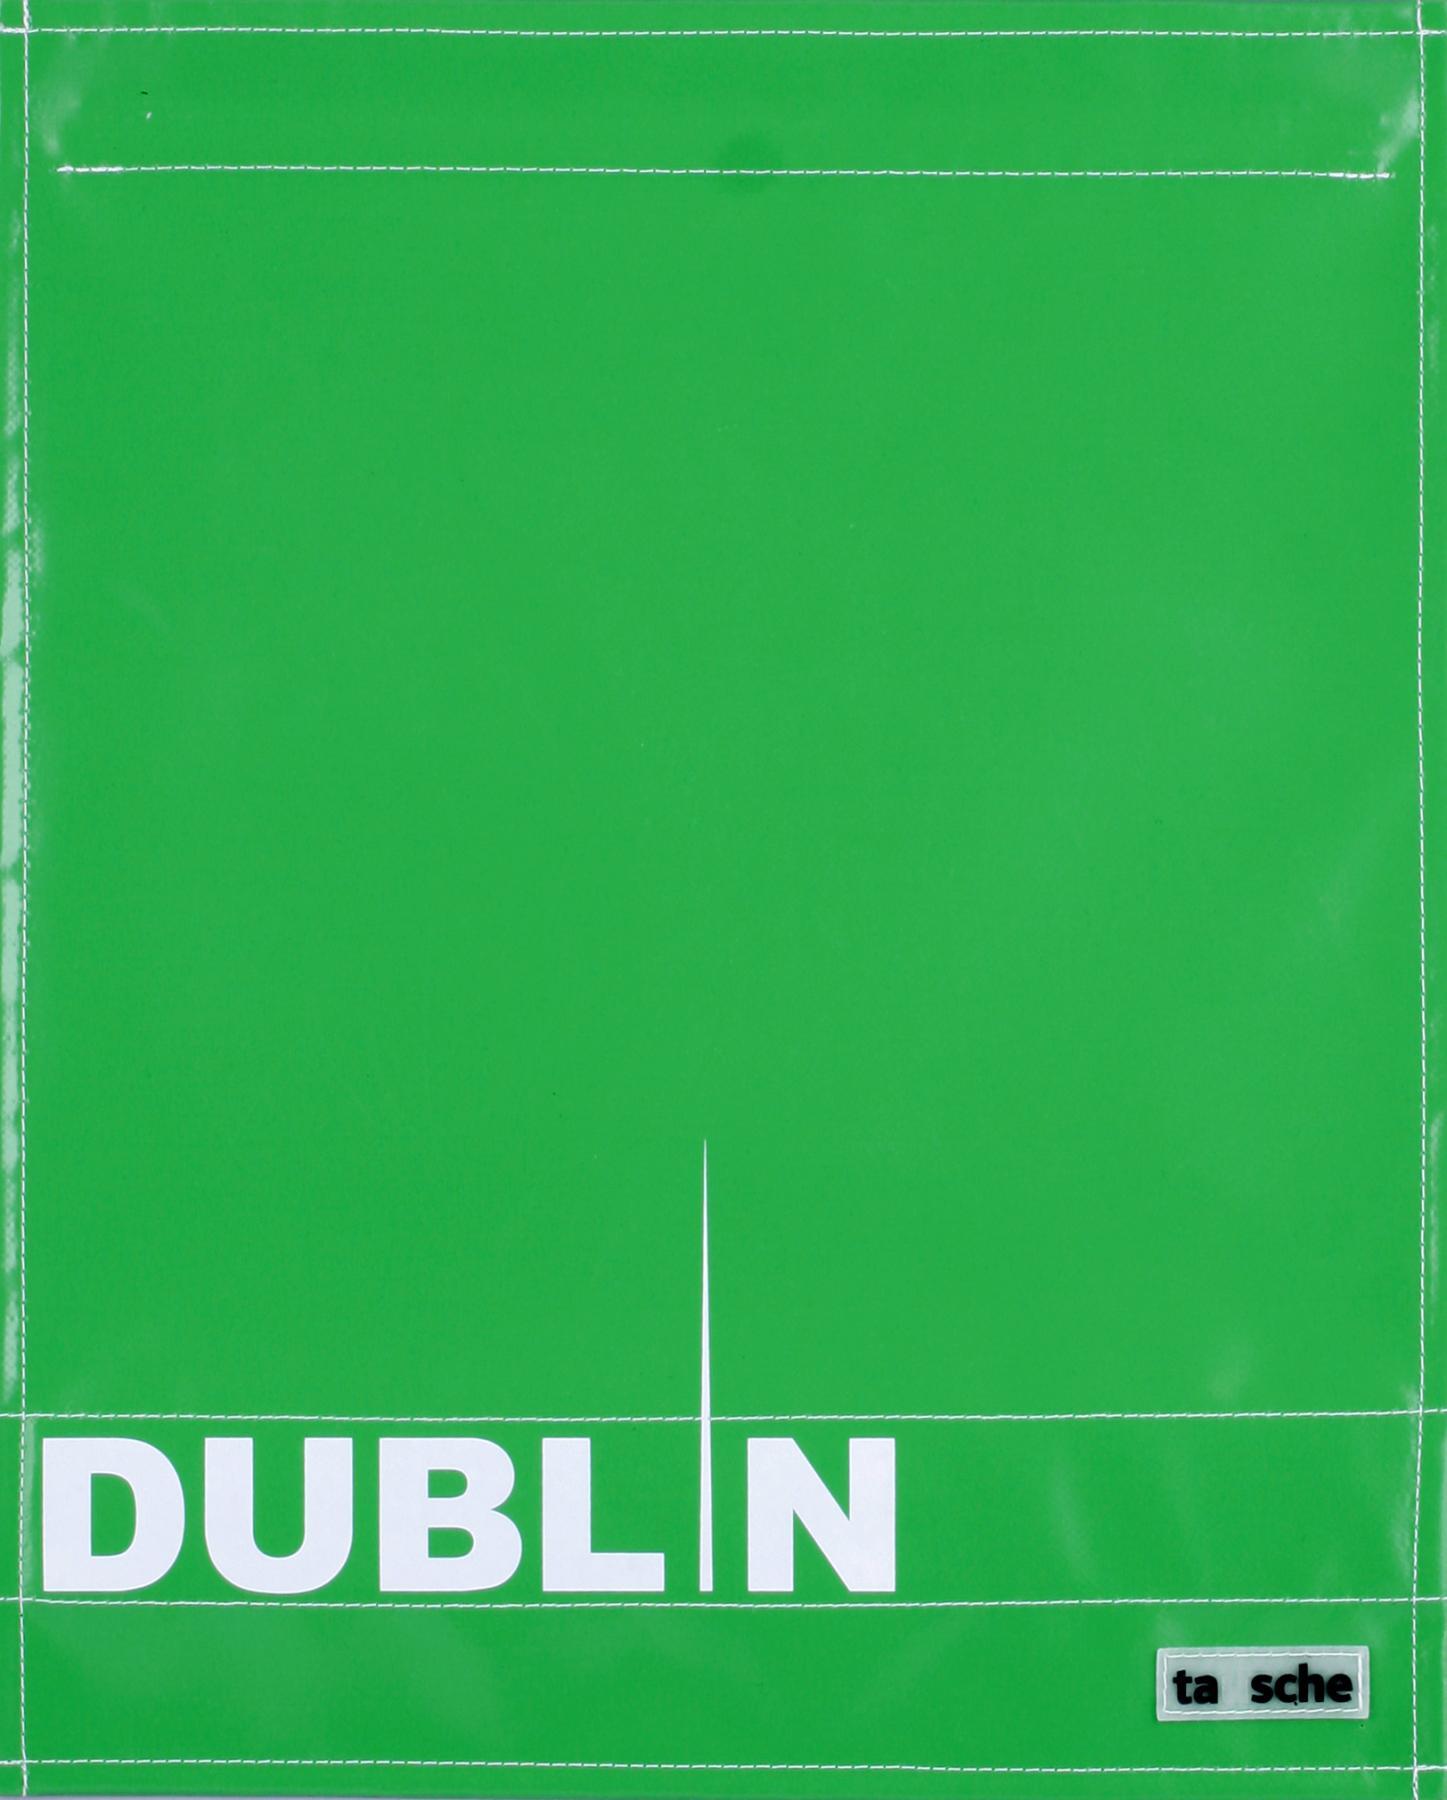 Dublin grün/weiß (groß)